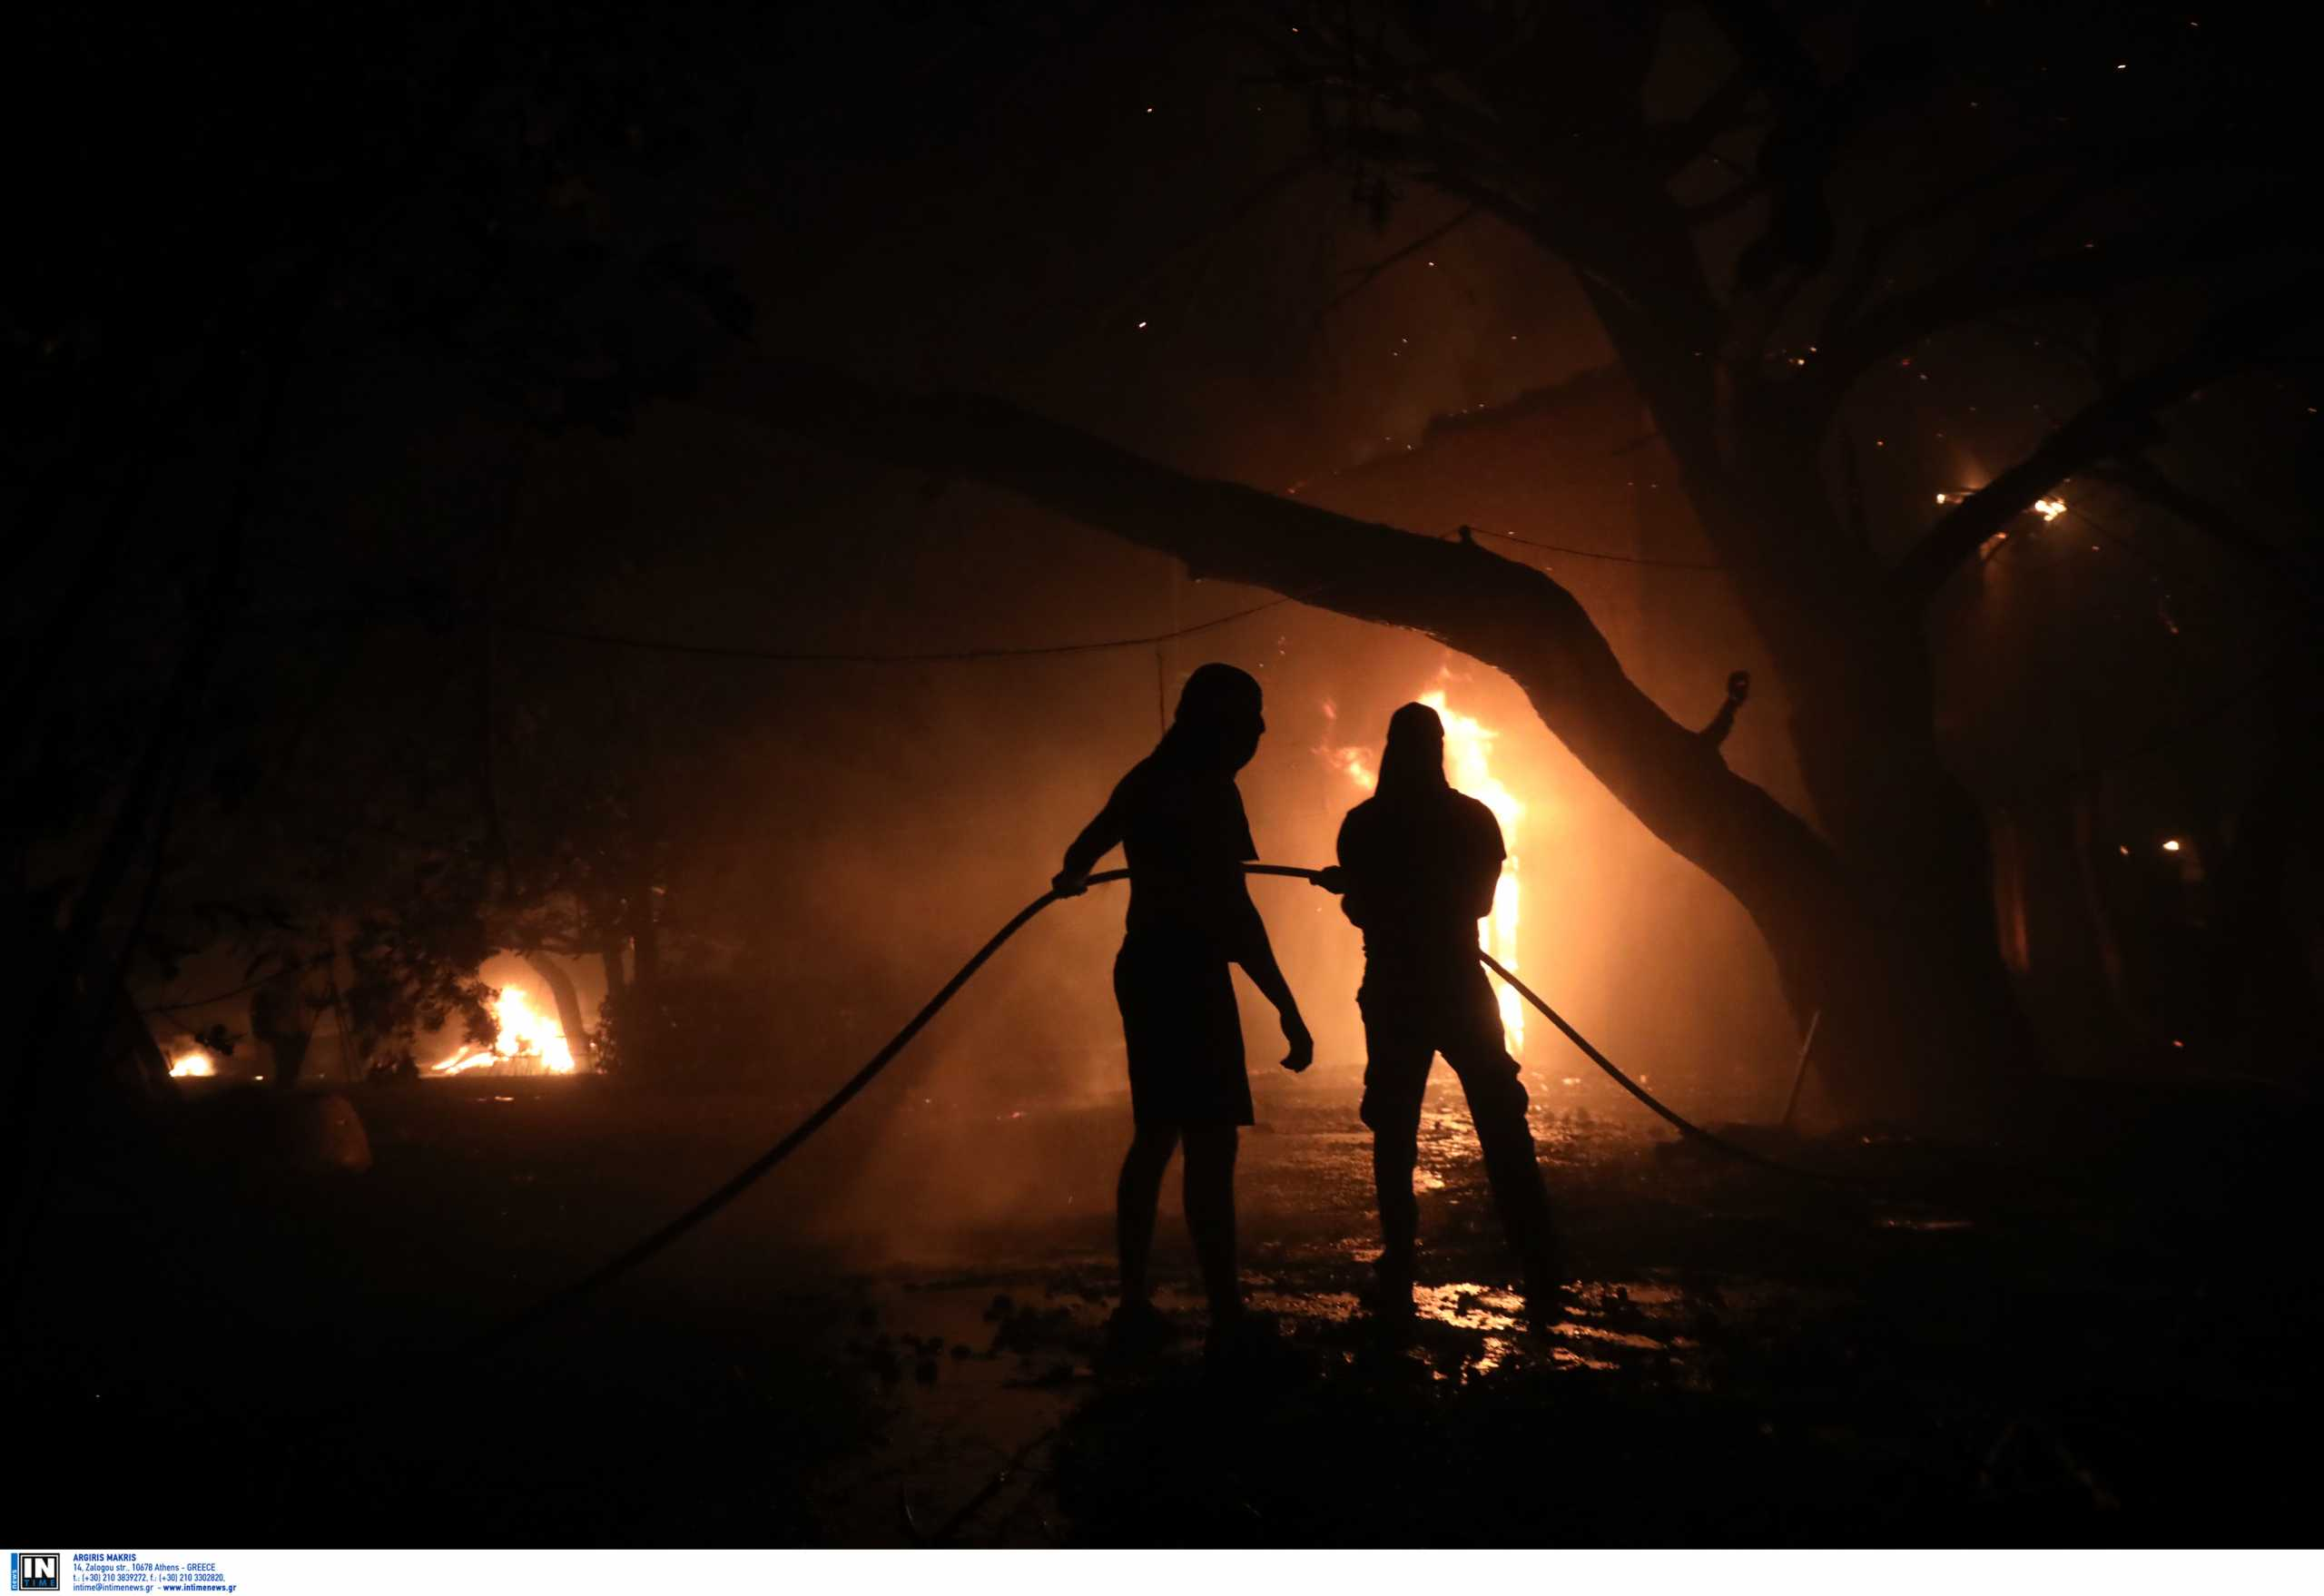 Φωτιά σε Βαρυμπόμπη και Θρακομακεδόνες: Επίθεση σε δημοσιογράφους και τεχνικούς